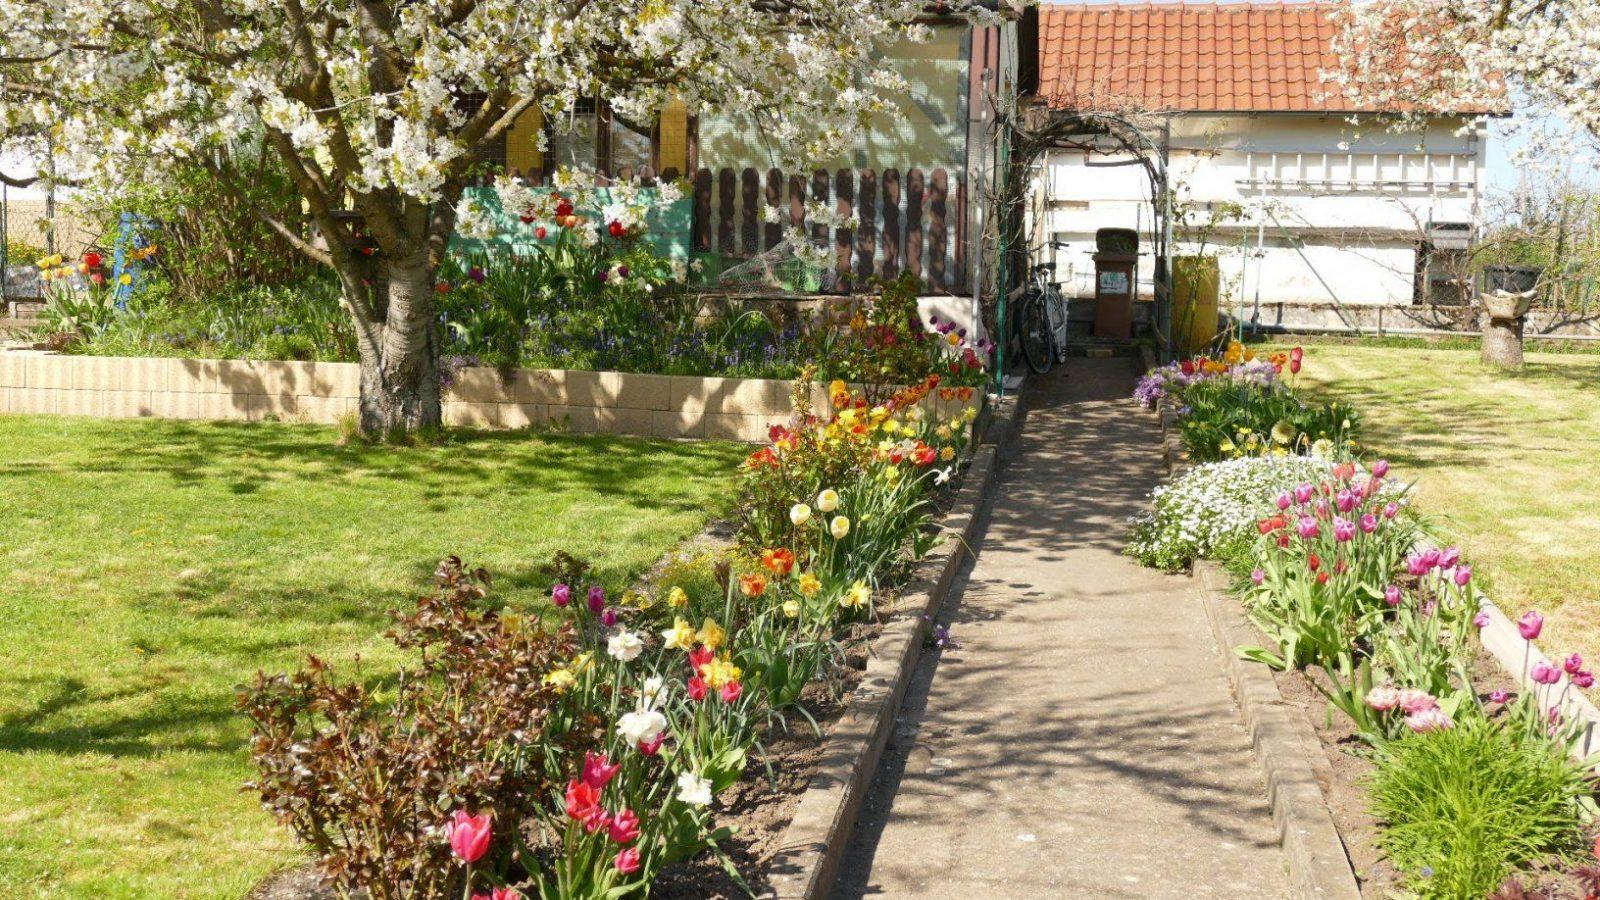 Mein Schöner Garten  Gartenführung  Youtube von Mein Schöner Garten Lidl Photo